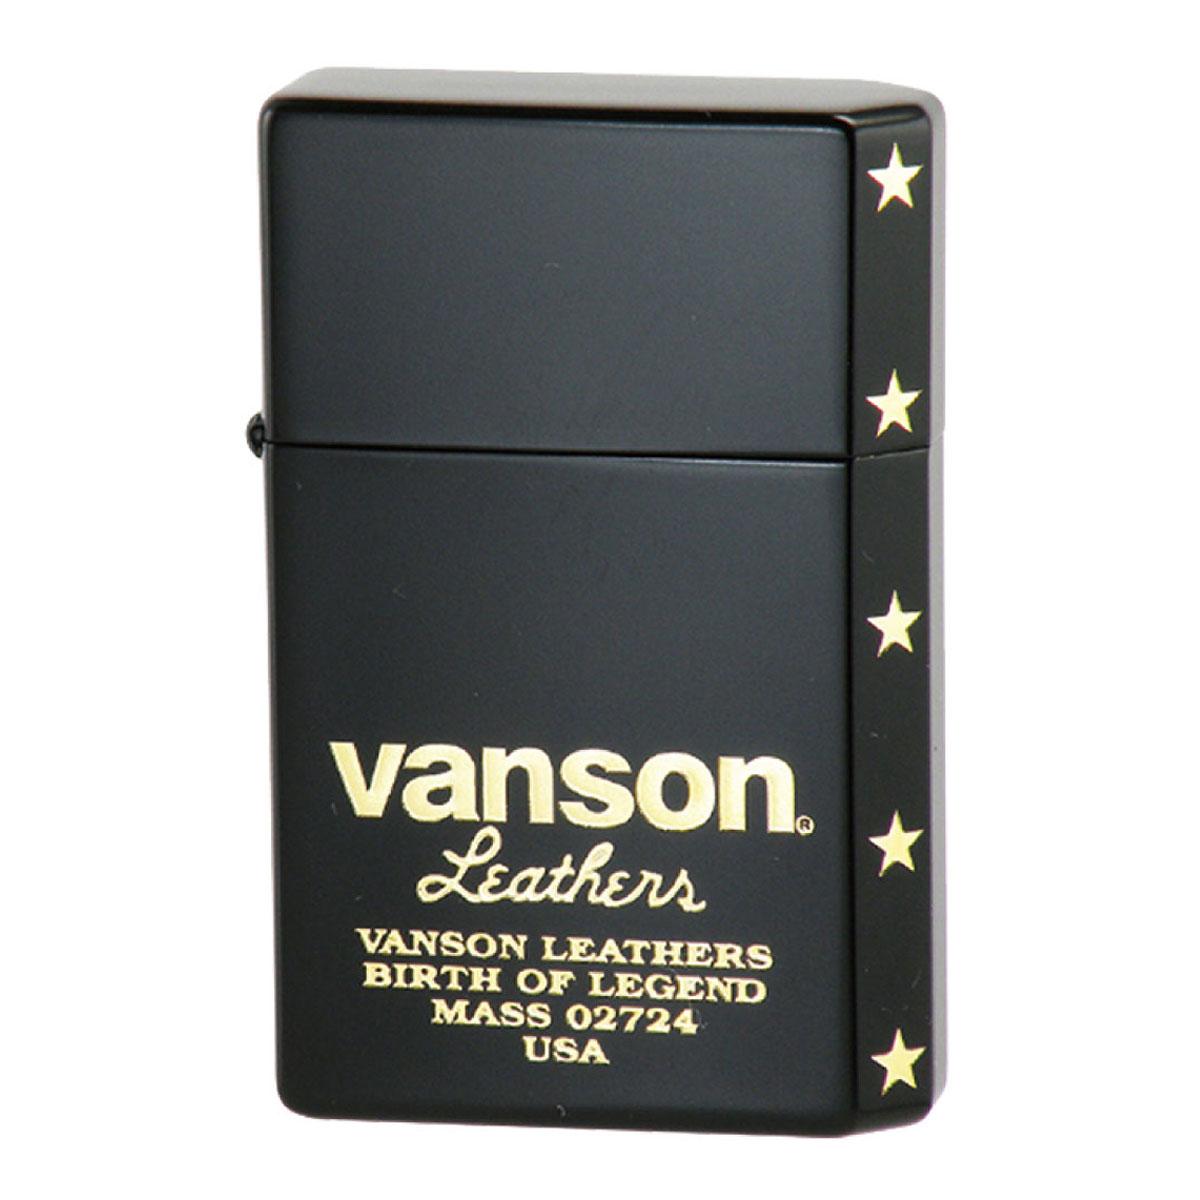 オイルライター 日本製 GEAR TOP ギアトップ VANSON バンソン ロゴデザイン ブラック V-GT-06 ギフト プレゼント 贈り物 返品不可 誕生日 USBライター メンズ Men's おしゃれ